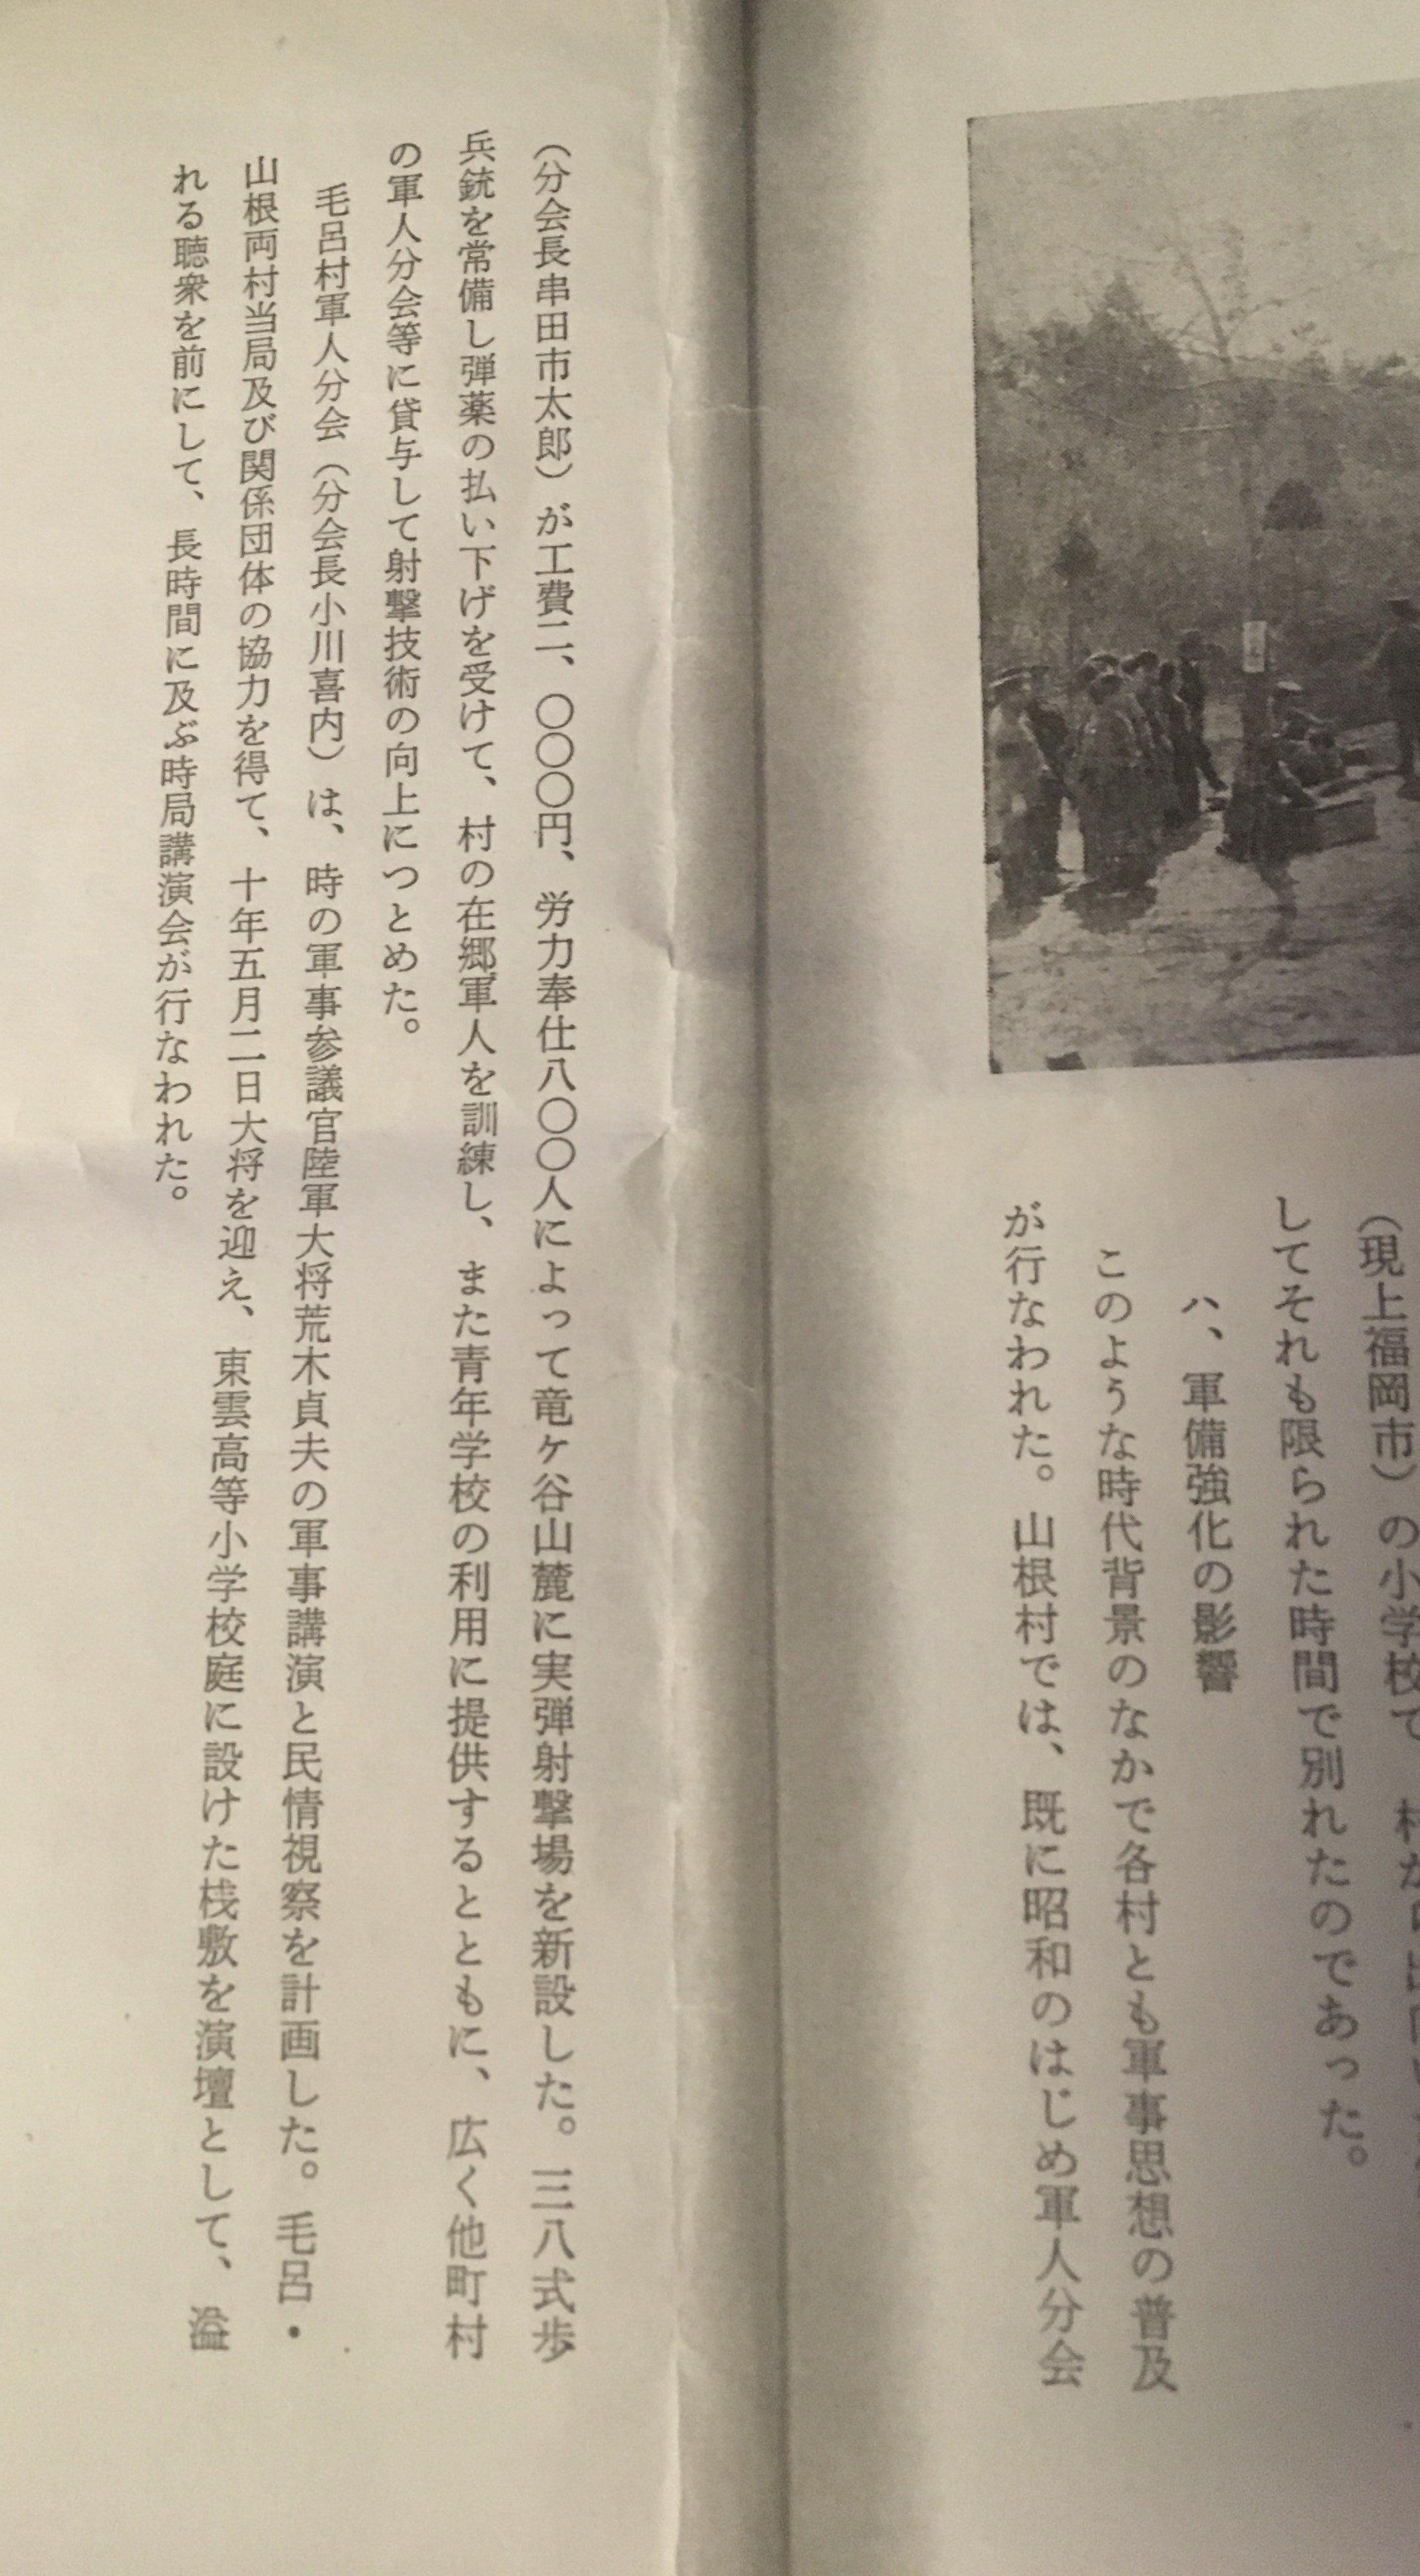 コマさん探検隊 ~毛呂山町(旧山根村) 山根射撃場捜索編~ | 伊吹の一コマ